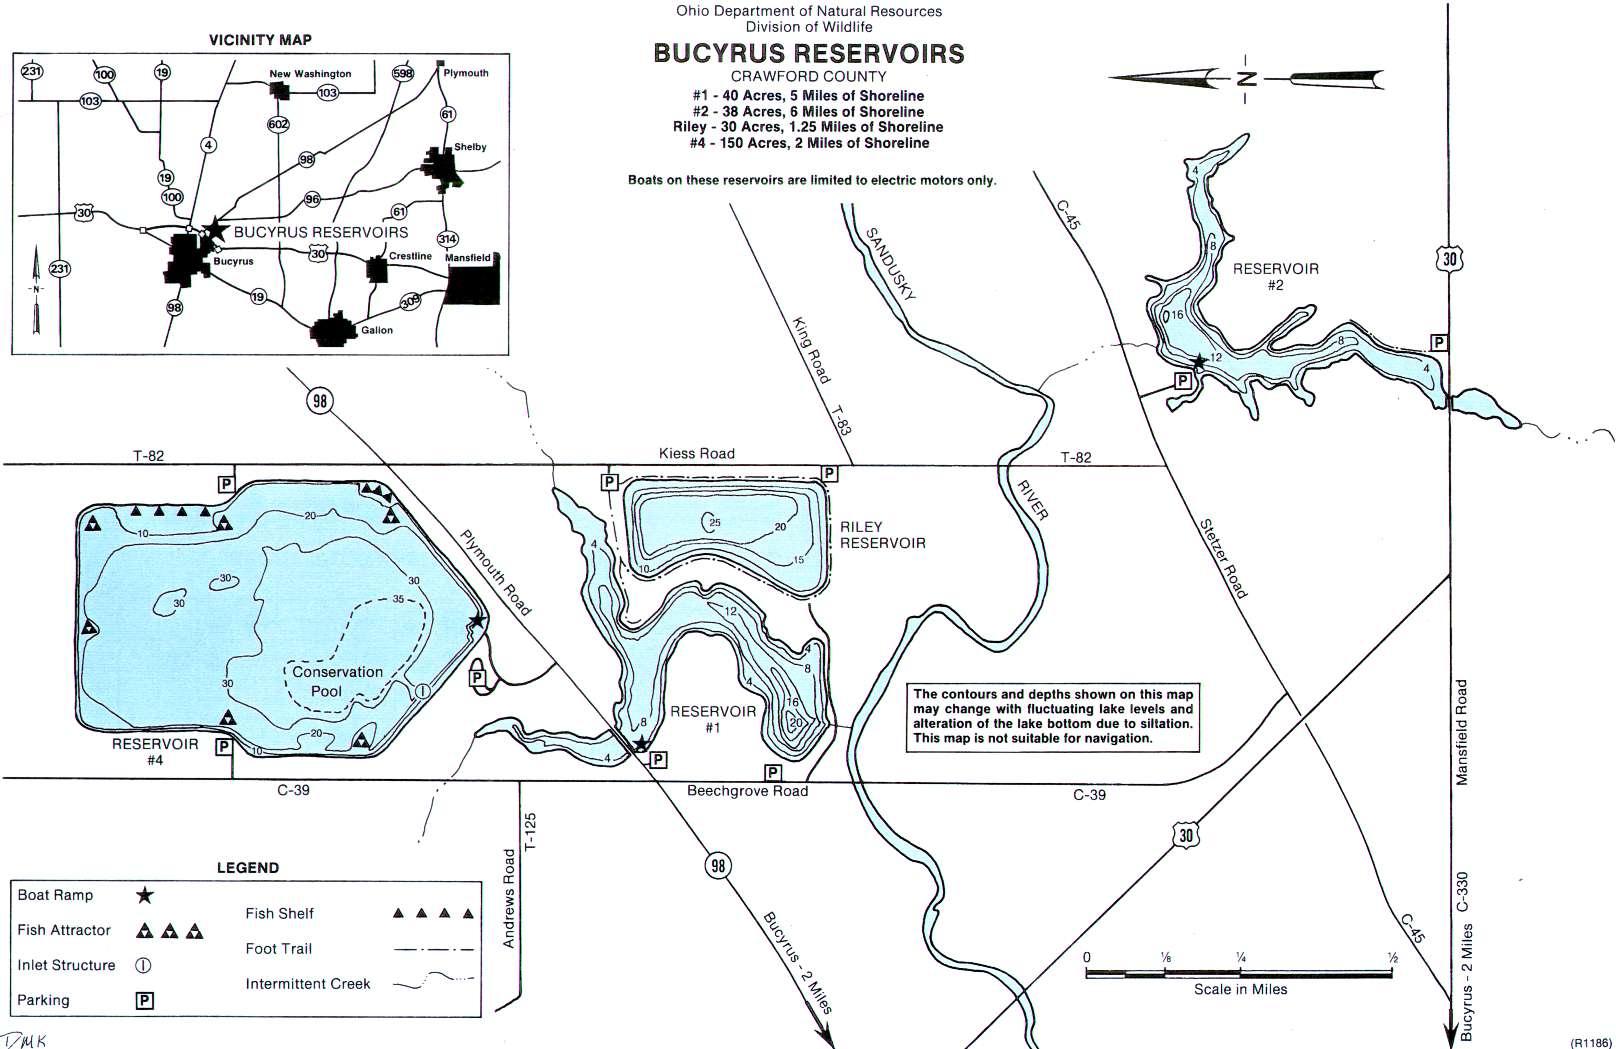 Bucyrus Reservoirs Fishing Map - GoFishOhio